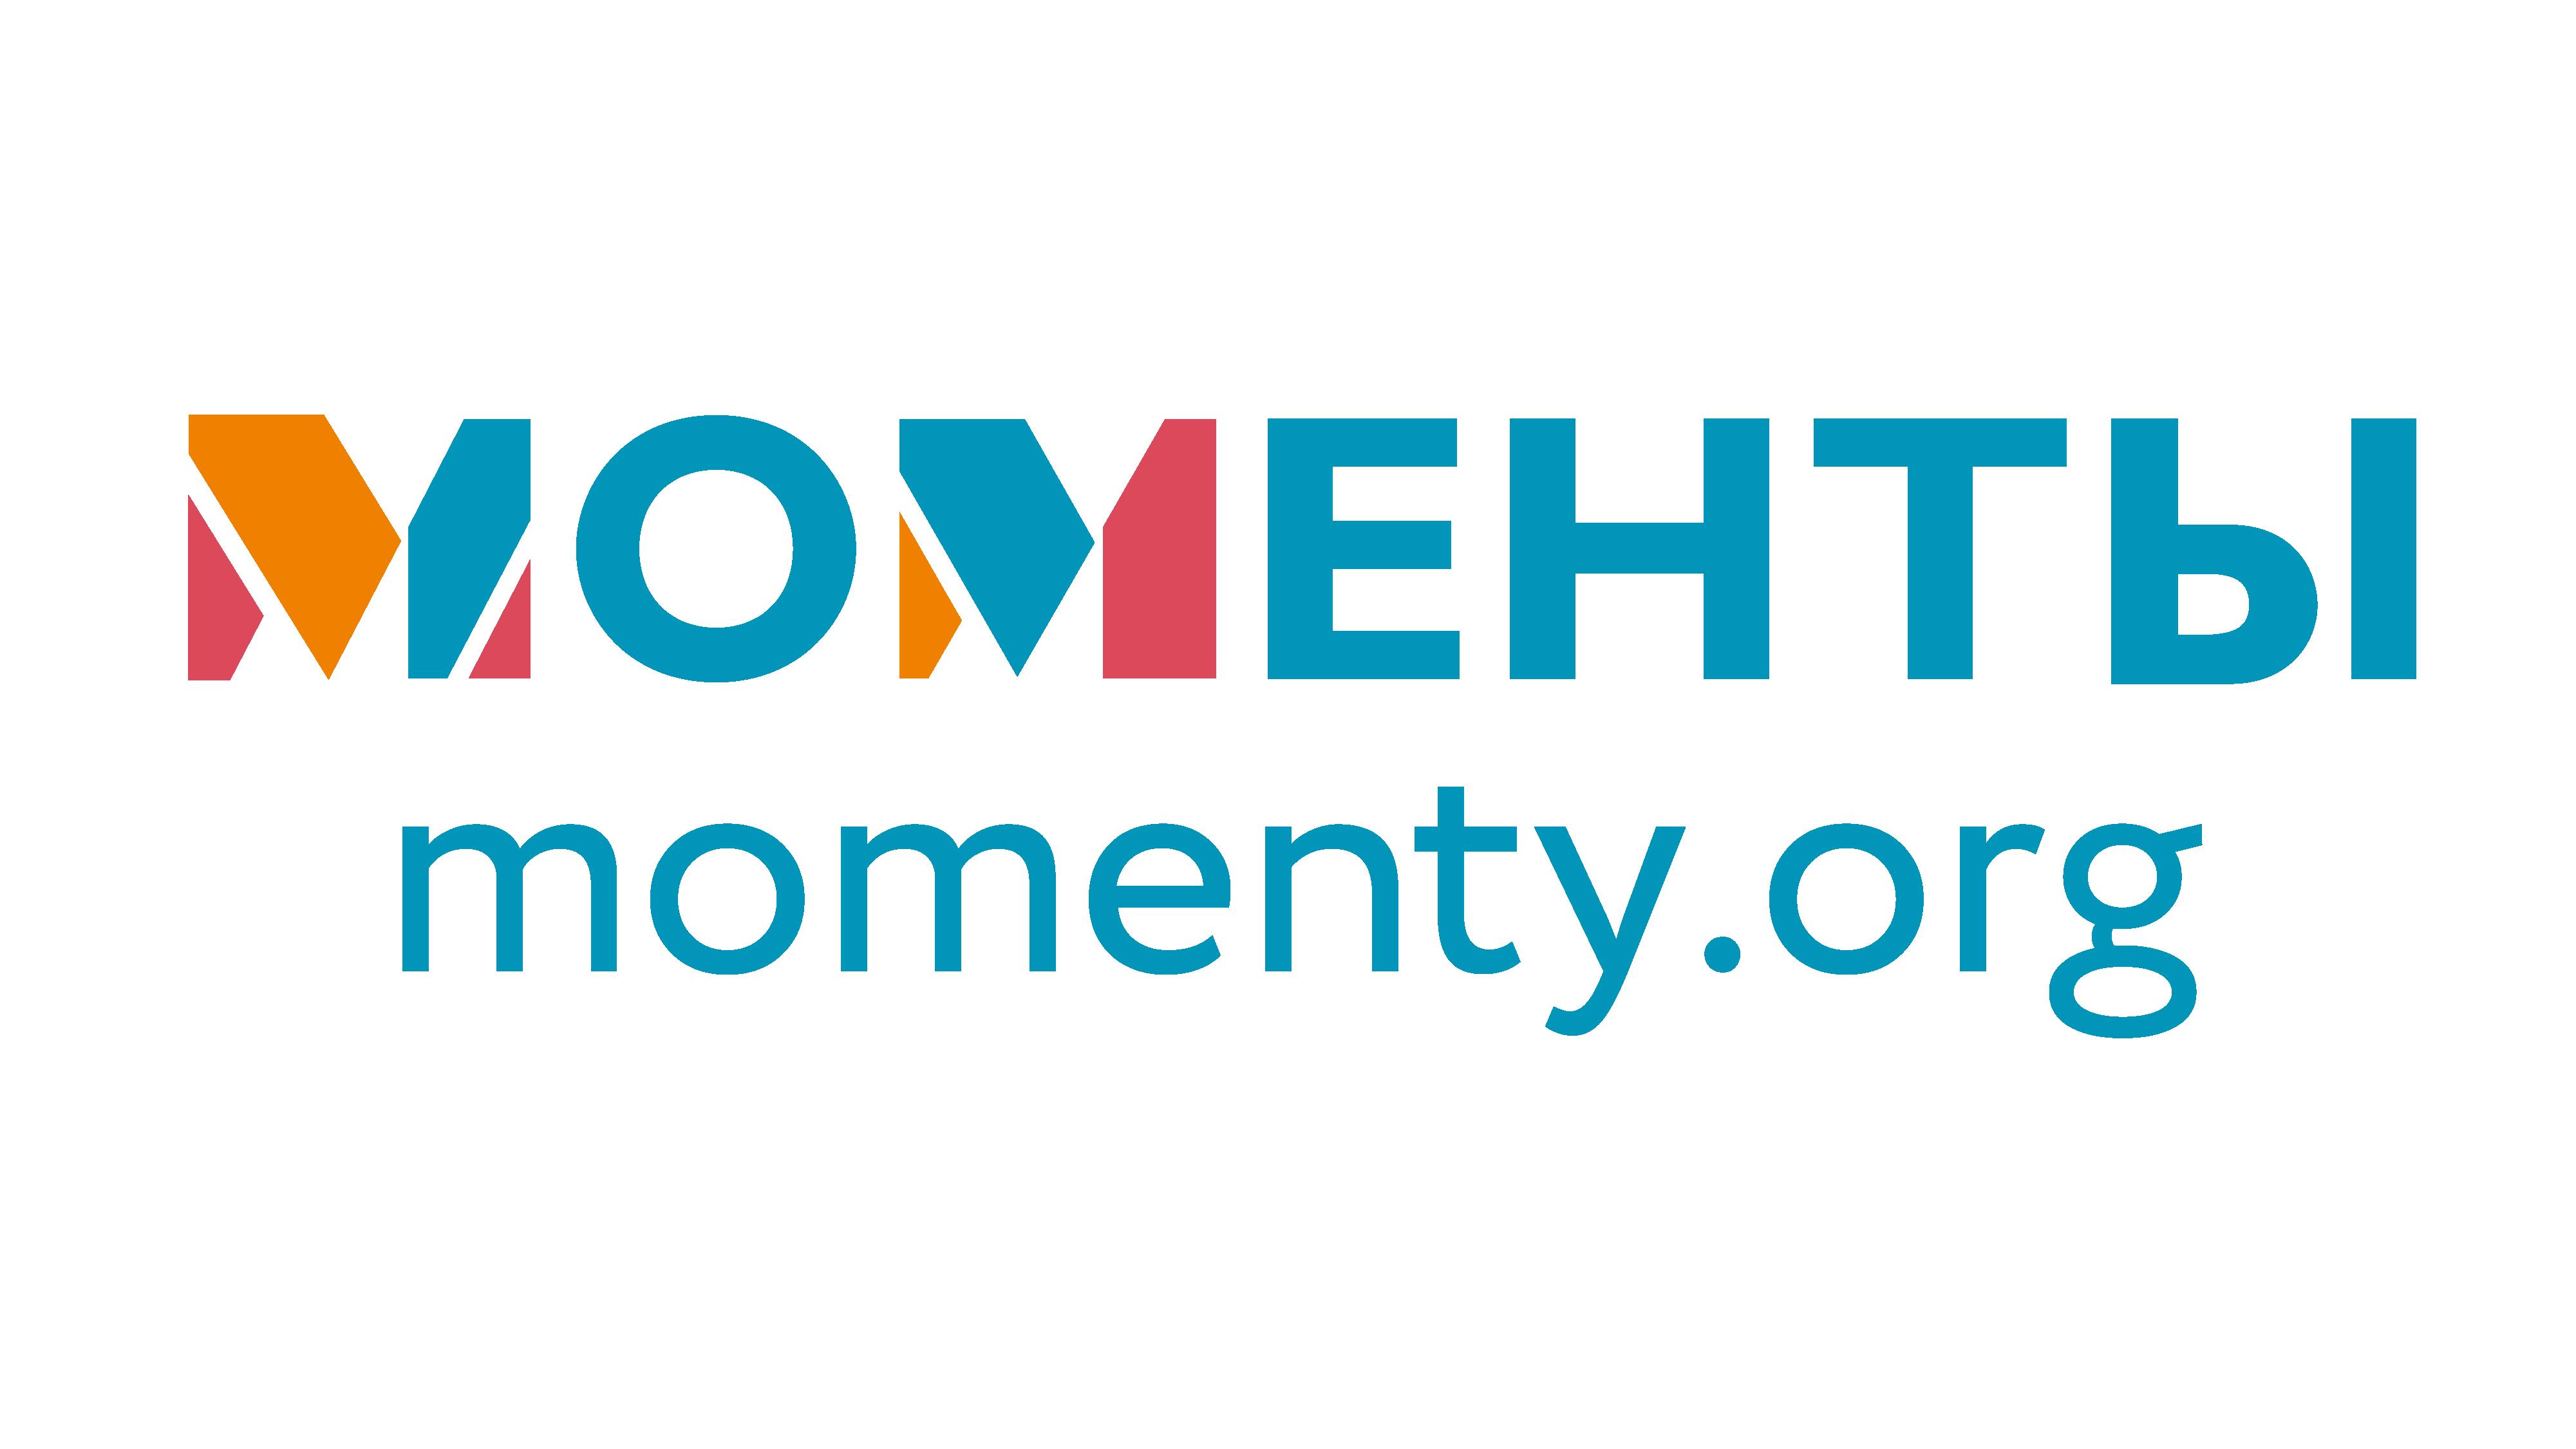 Momenty.org